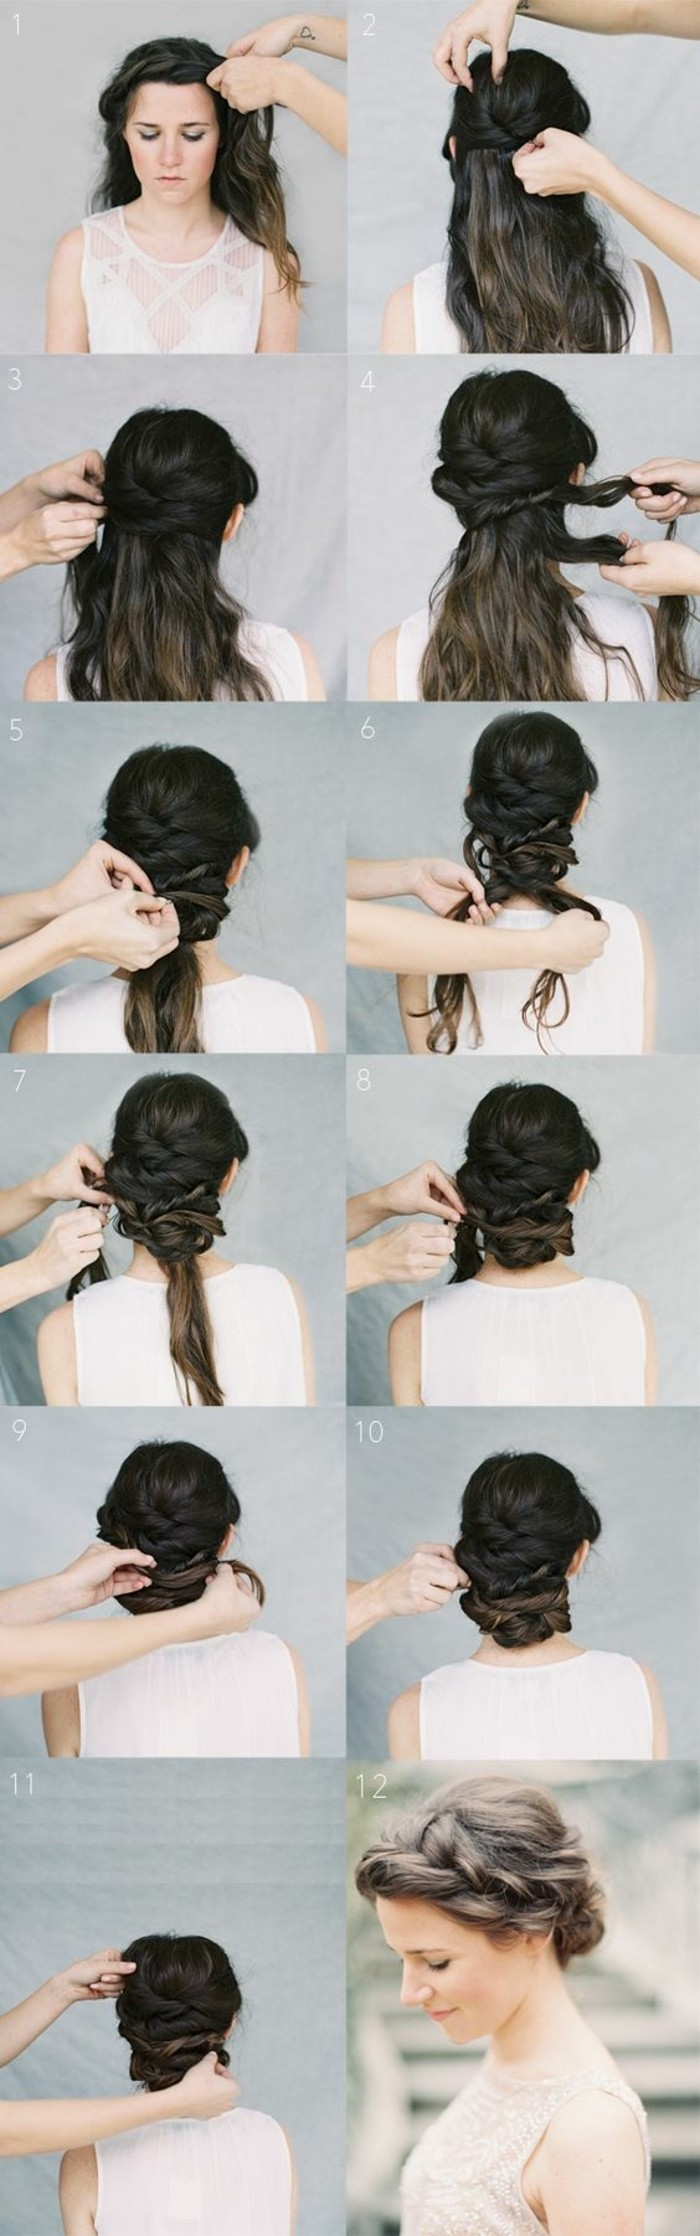 0-coiffure-simple-et-rapide-coiffure-facile-cheveux-longs-femme